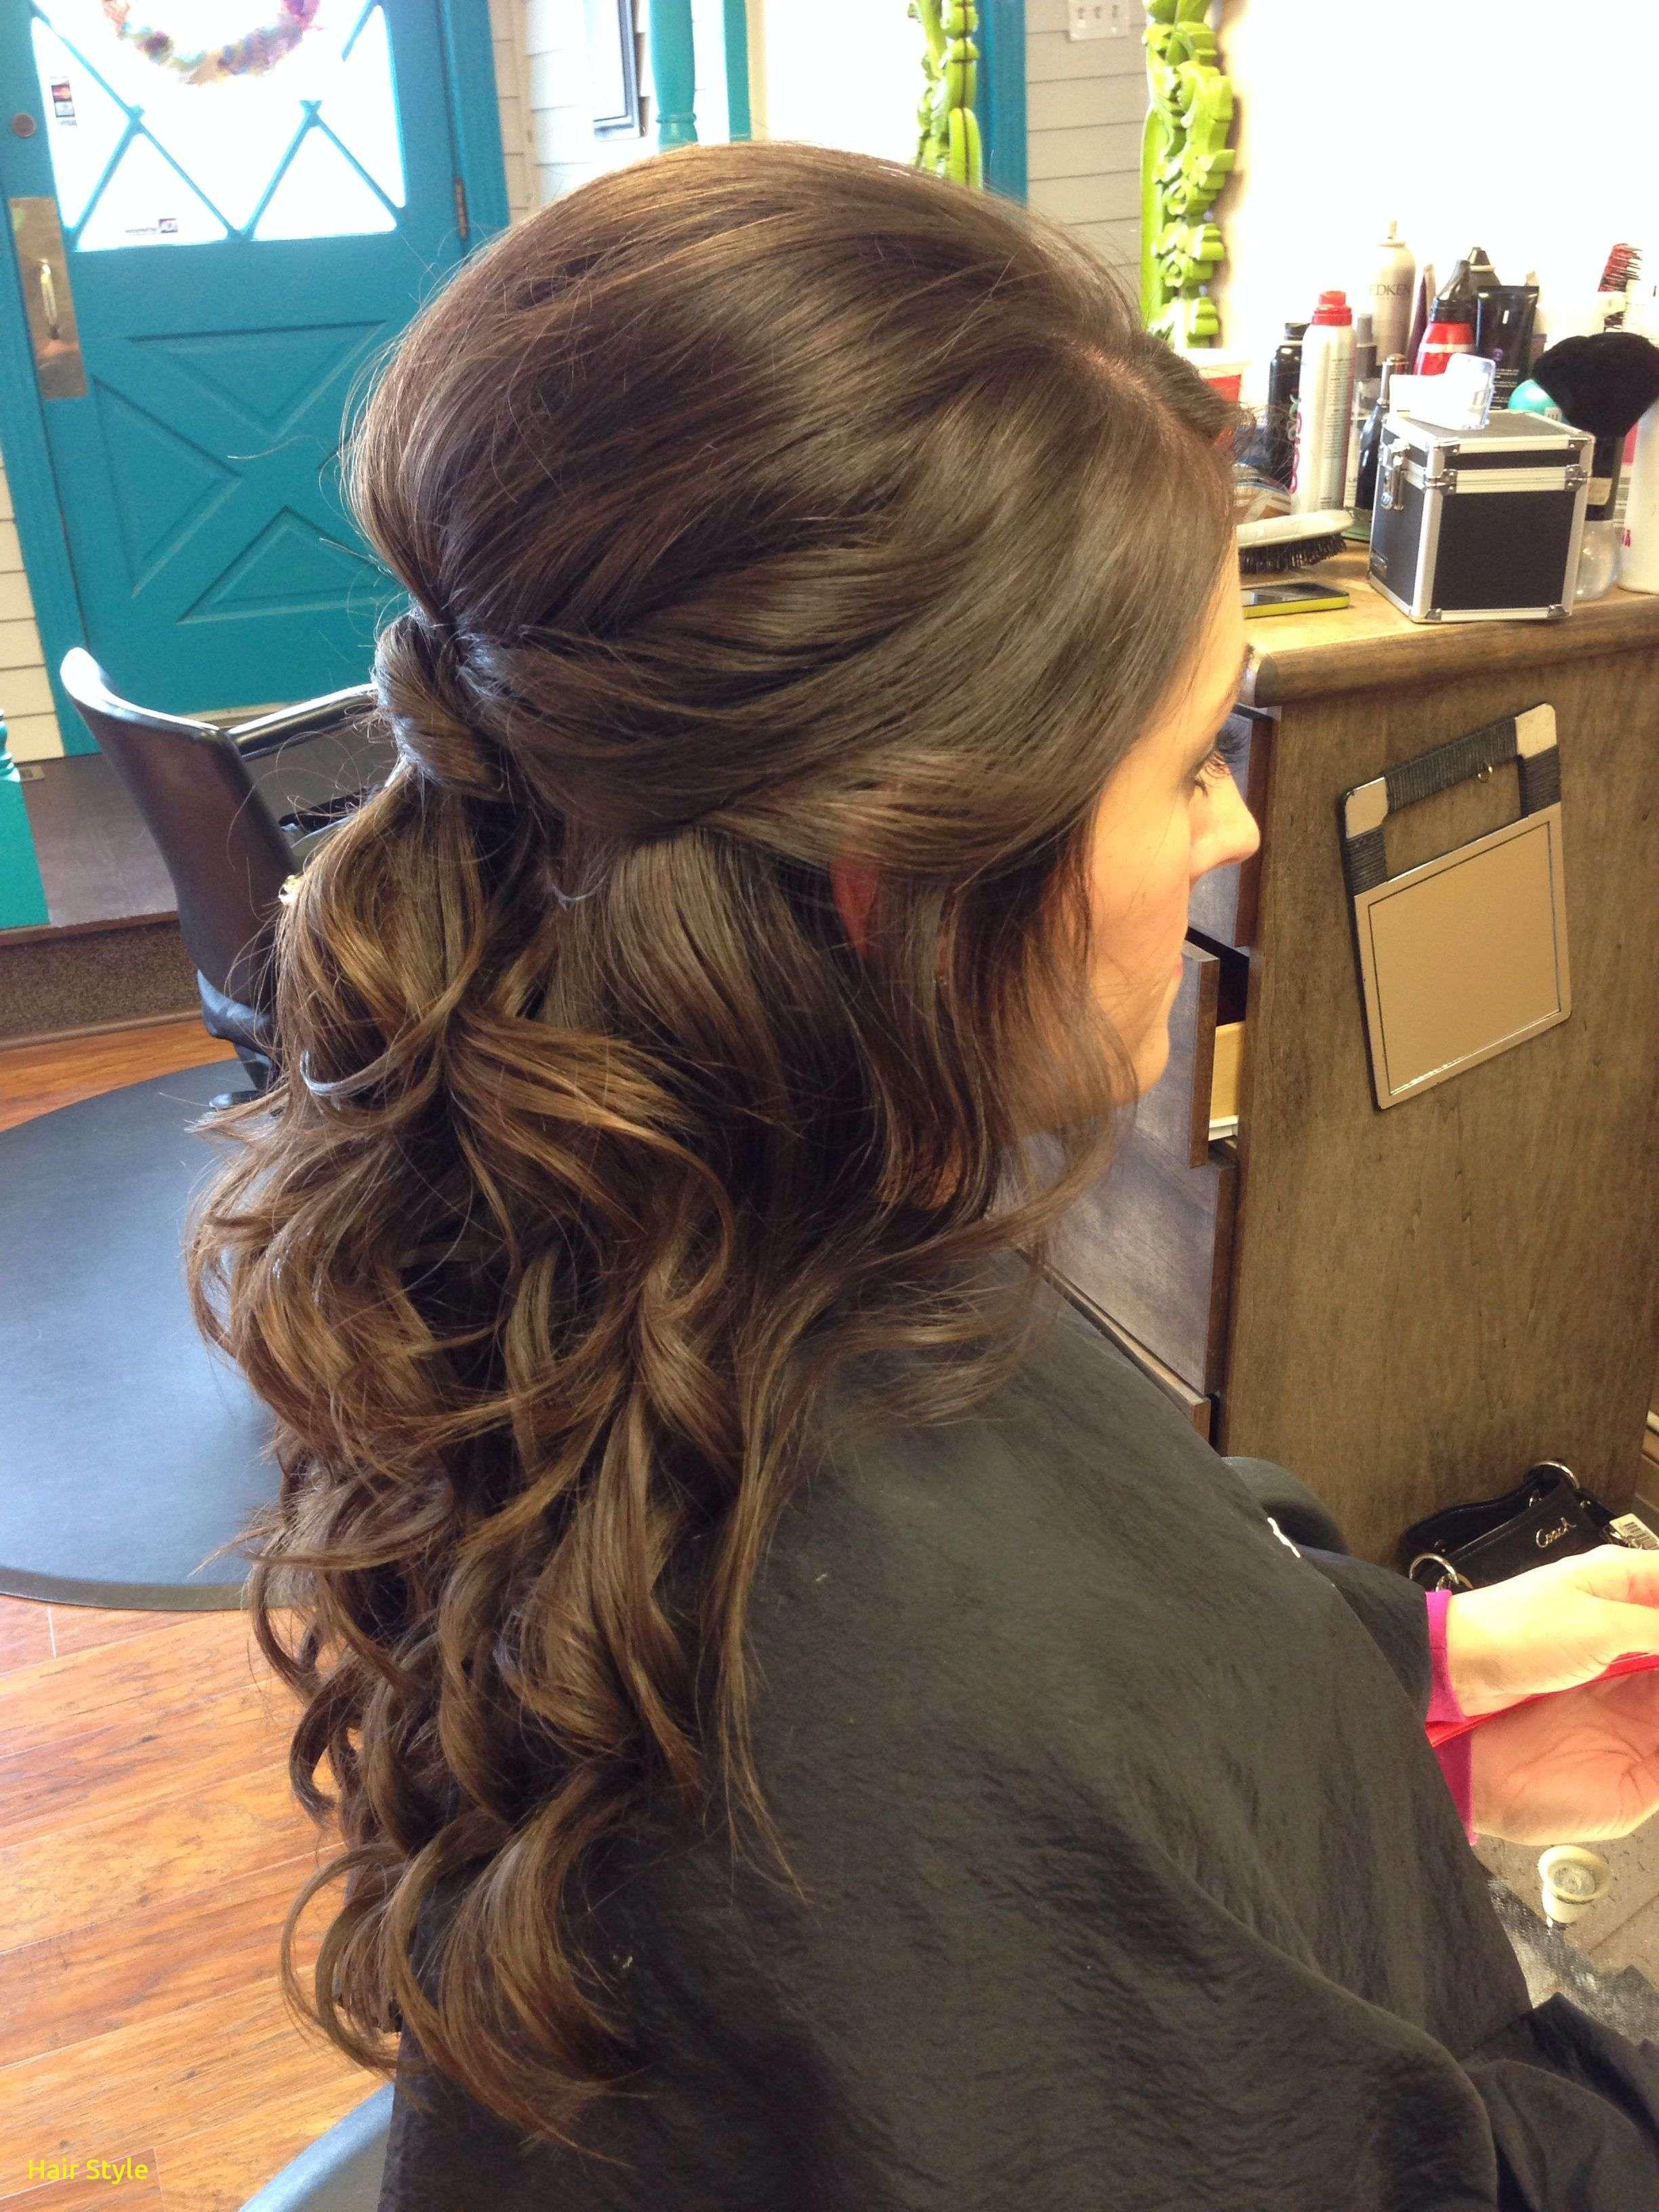 Elegante Hochzeit Frisuren Curly Hair halb hoch #mediumupdohairstyles